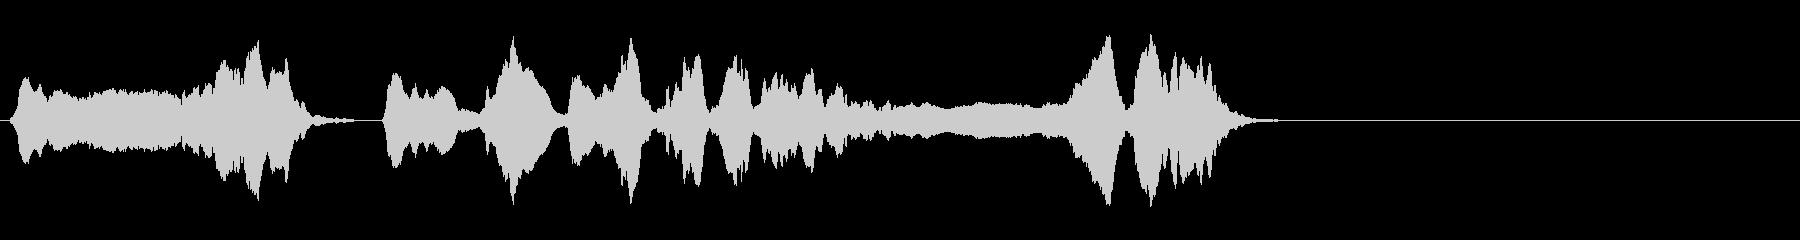 尺八 生演奏 古典風 残響音無し 1の未再生の波形